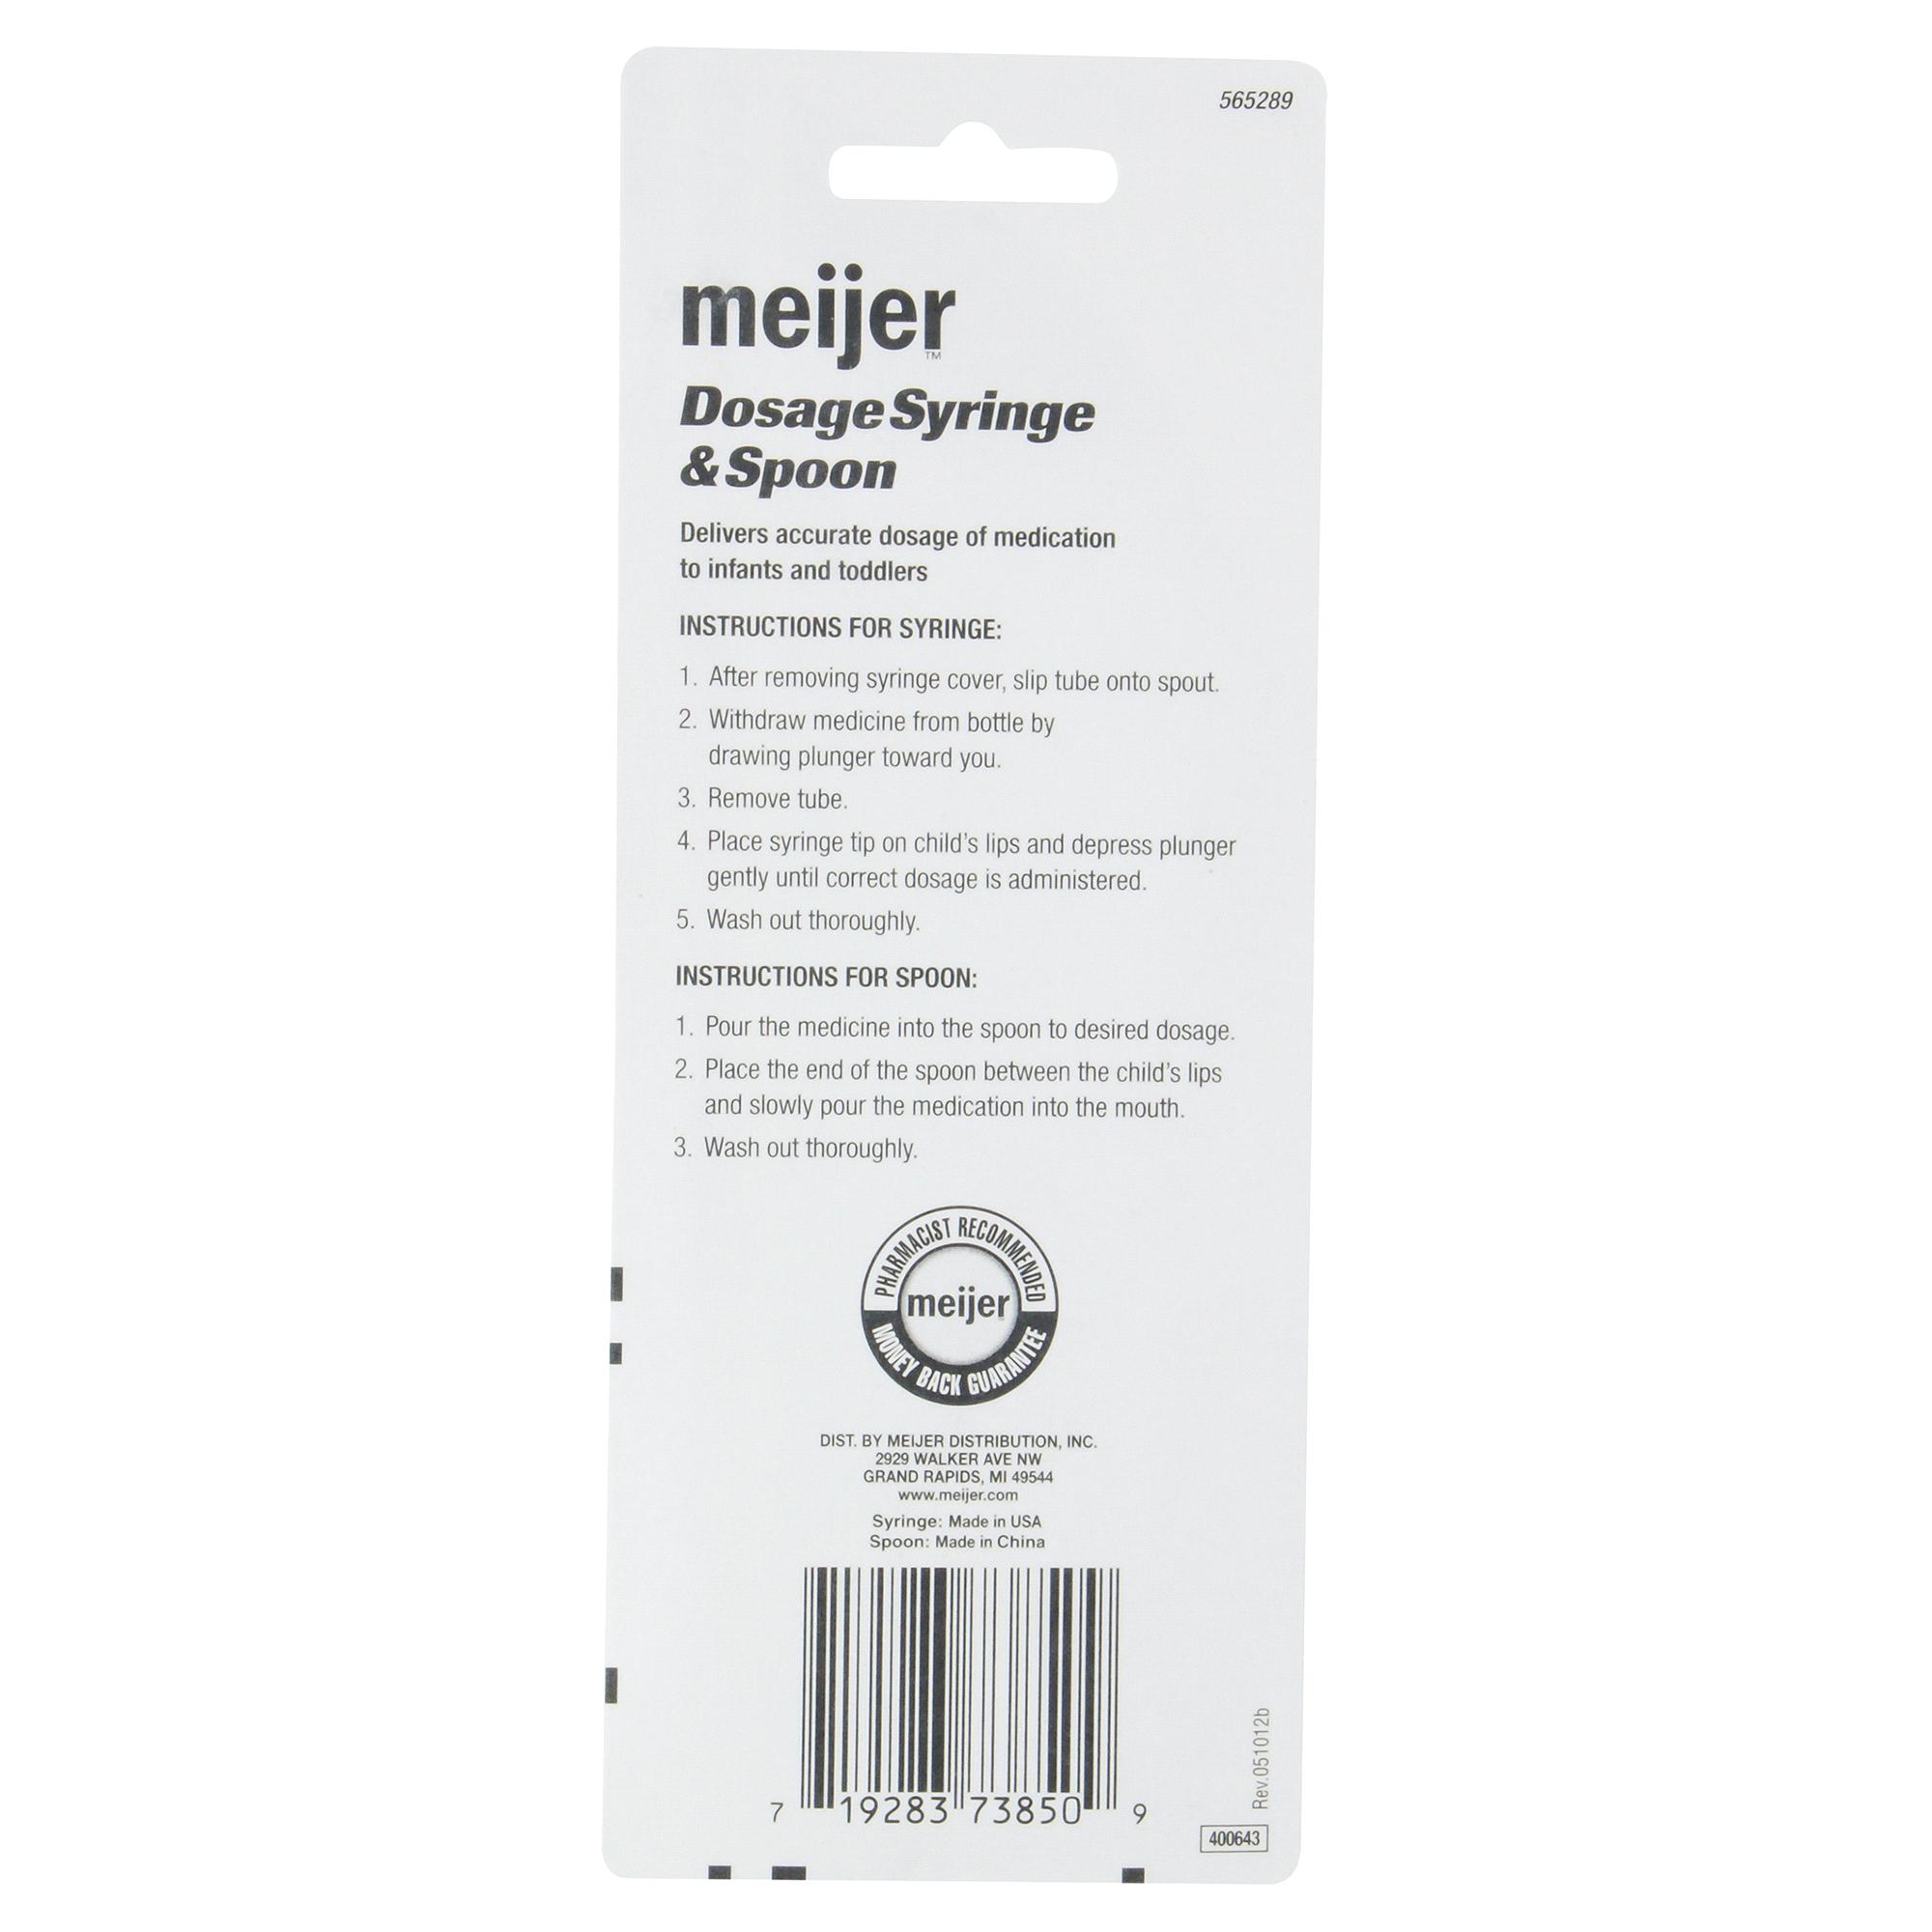 Meijer Car Seat Stroller Combo